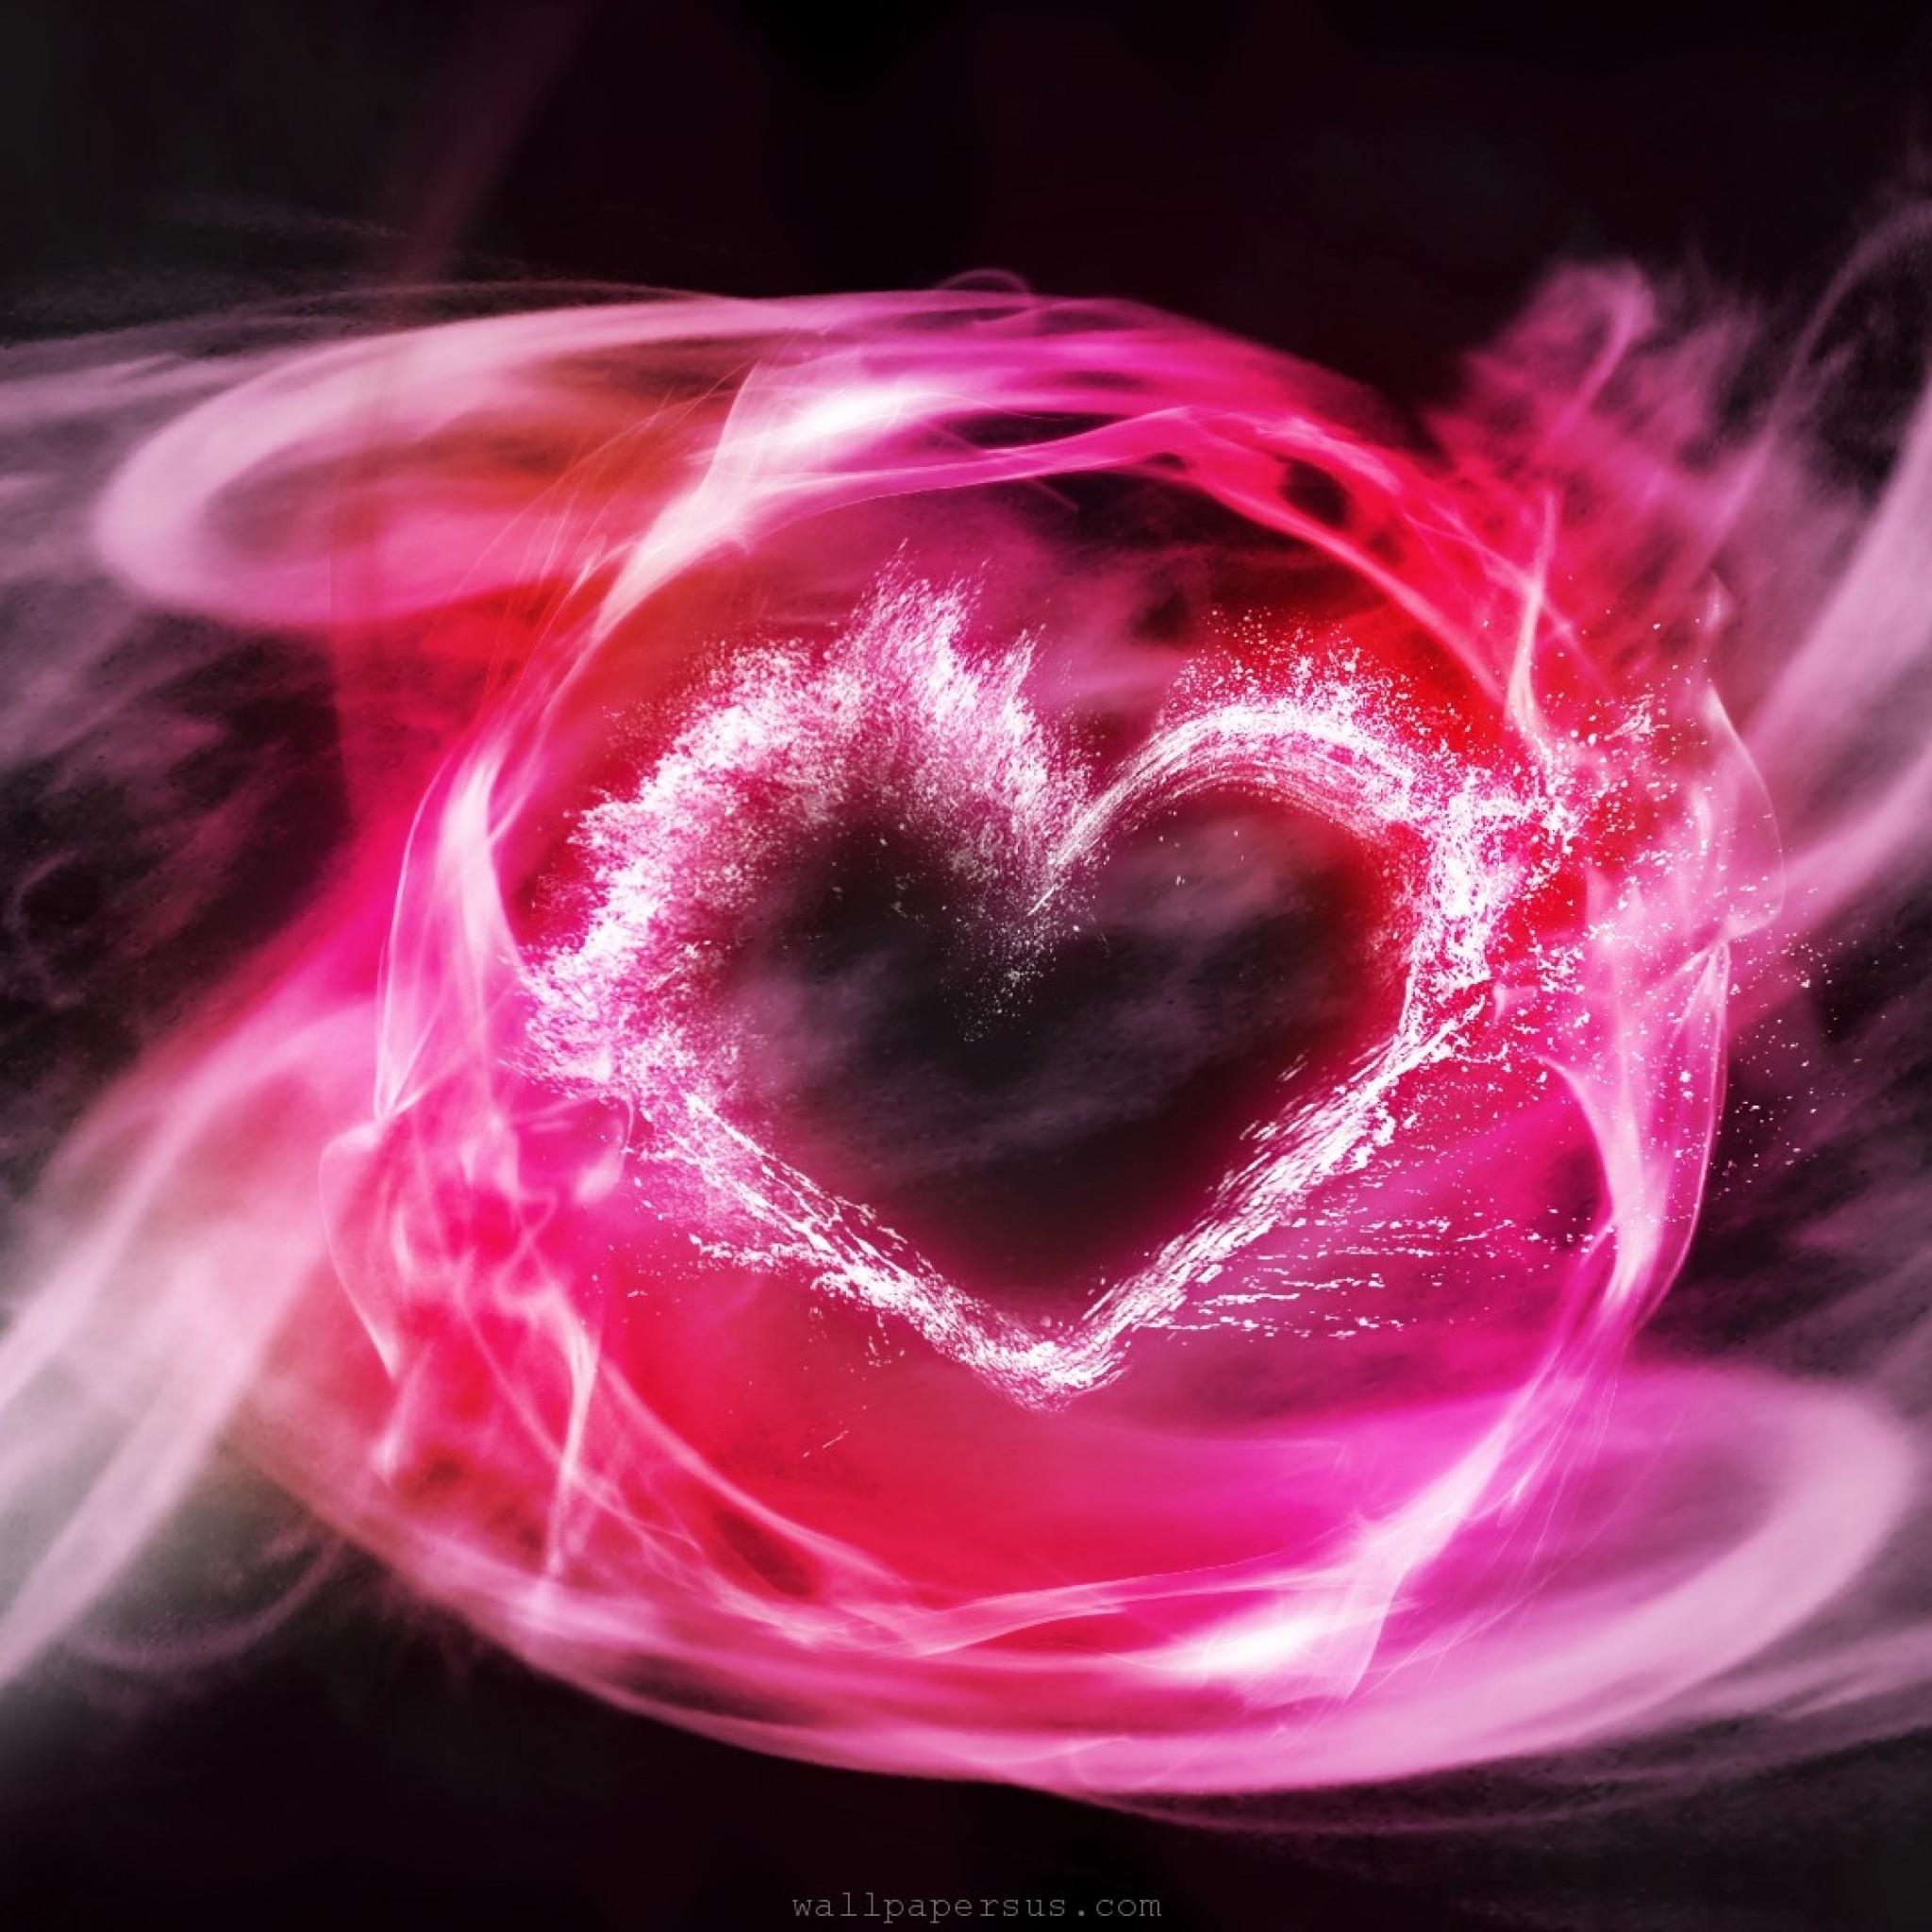 もっと愛が深まる♡バレンタインにぴったりのデートスポット特集♪のサムネイル画像